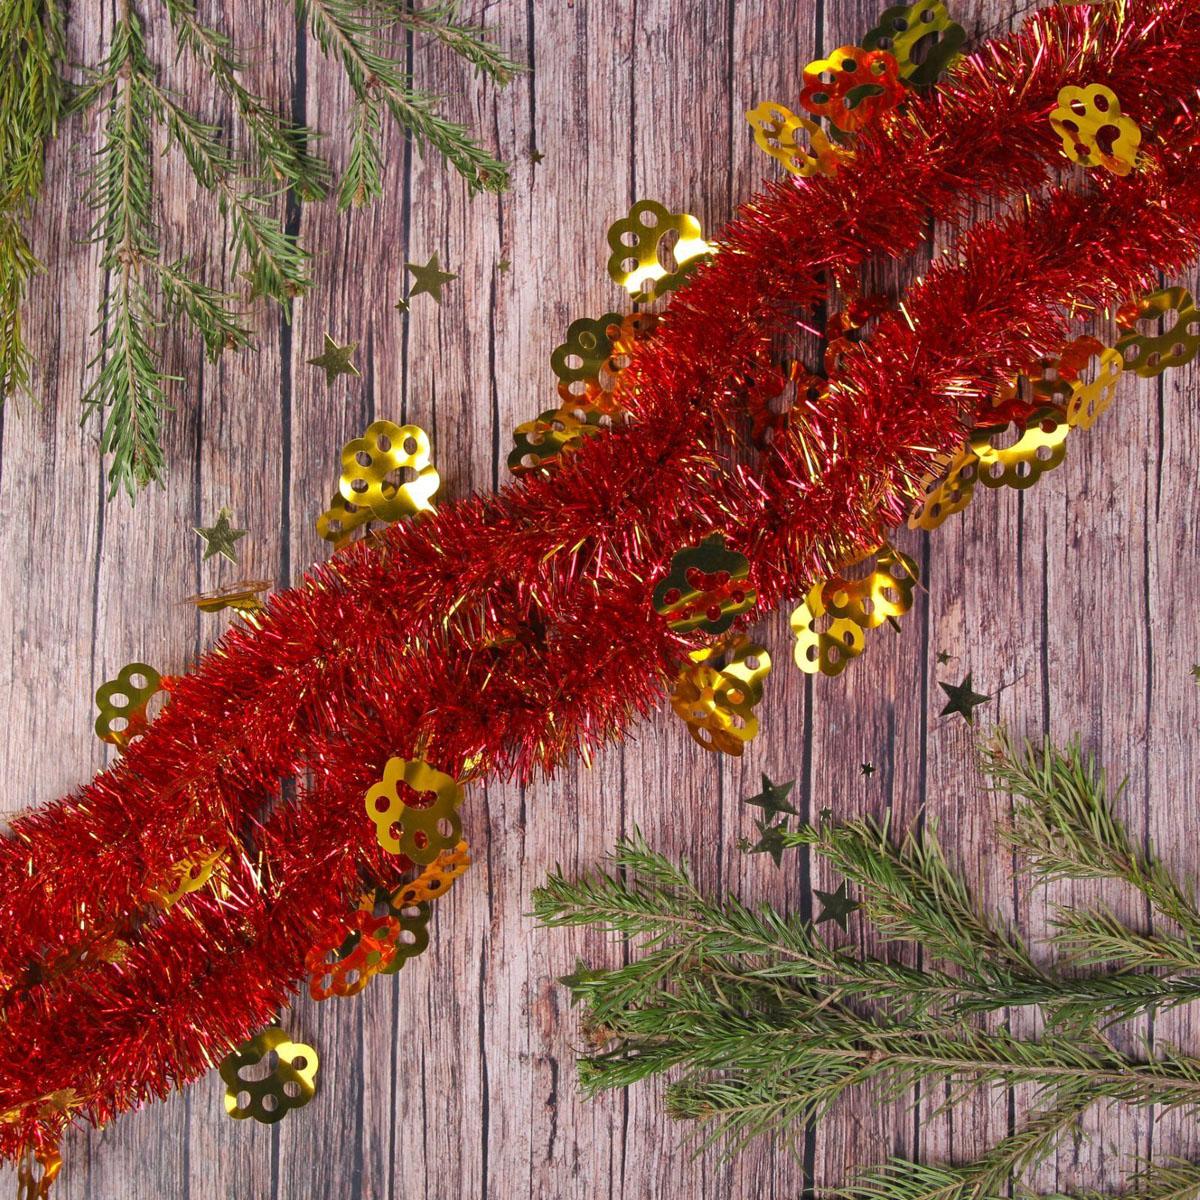 Мишура новогодняя Sima-land Лапка, цвет: красный, диаметр 5 см, длина 2 м. 23176452317645Мишура новогодняя Sima-land, выполненная из фольги с фигуркамилапок, поможет вам украсить свой дом к предстоящим праздникам.Новогодней мишурой можно украсить все, что угодно - елку, квартиру, дачу, офис -как внутри, так и снаружи. Можно сложить новогодние поздравления, буквы ицифры, мишурой можно украсить и дополнить гирлянды, можновыделить дверные колонны, оплести дверные проемы.Мишура принесет в ваш дом ни с чем несравнимое ощущение праздника! Создайтев своем доме атмосферу тепла, веселья и радости, украшая его всей семьей.